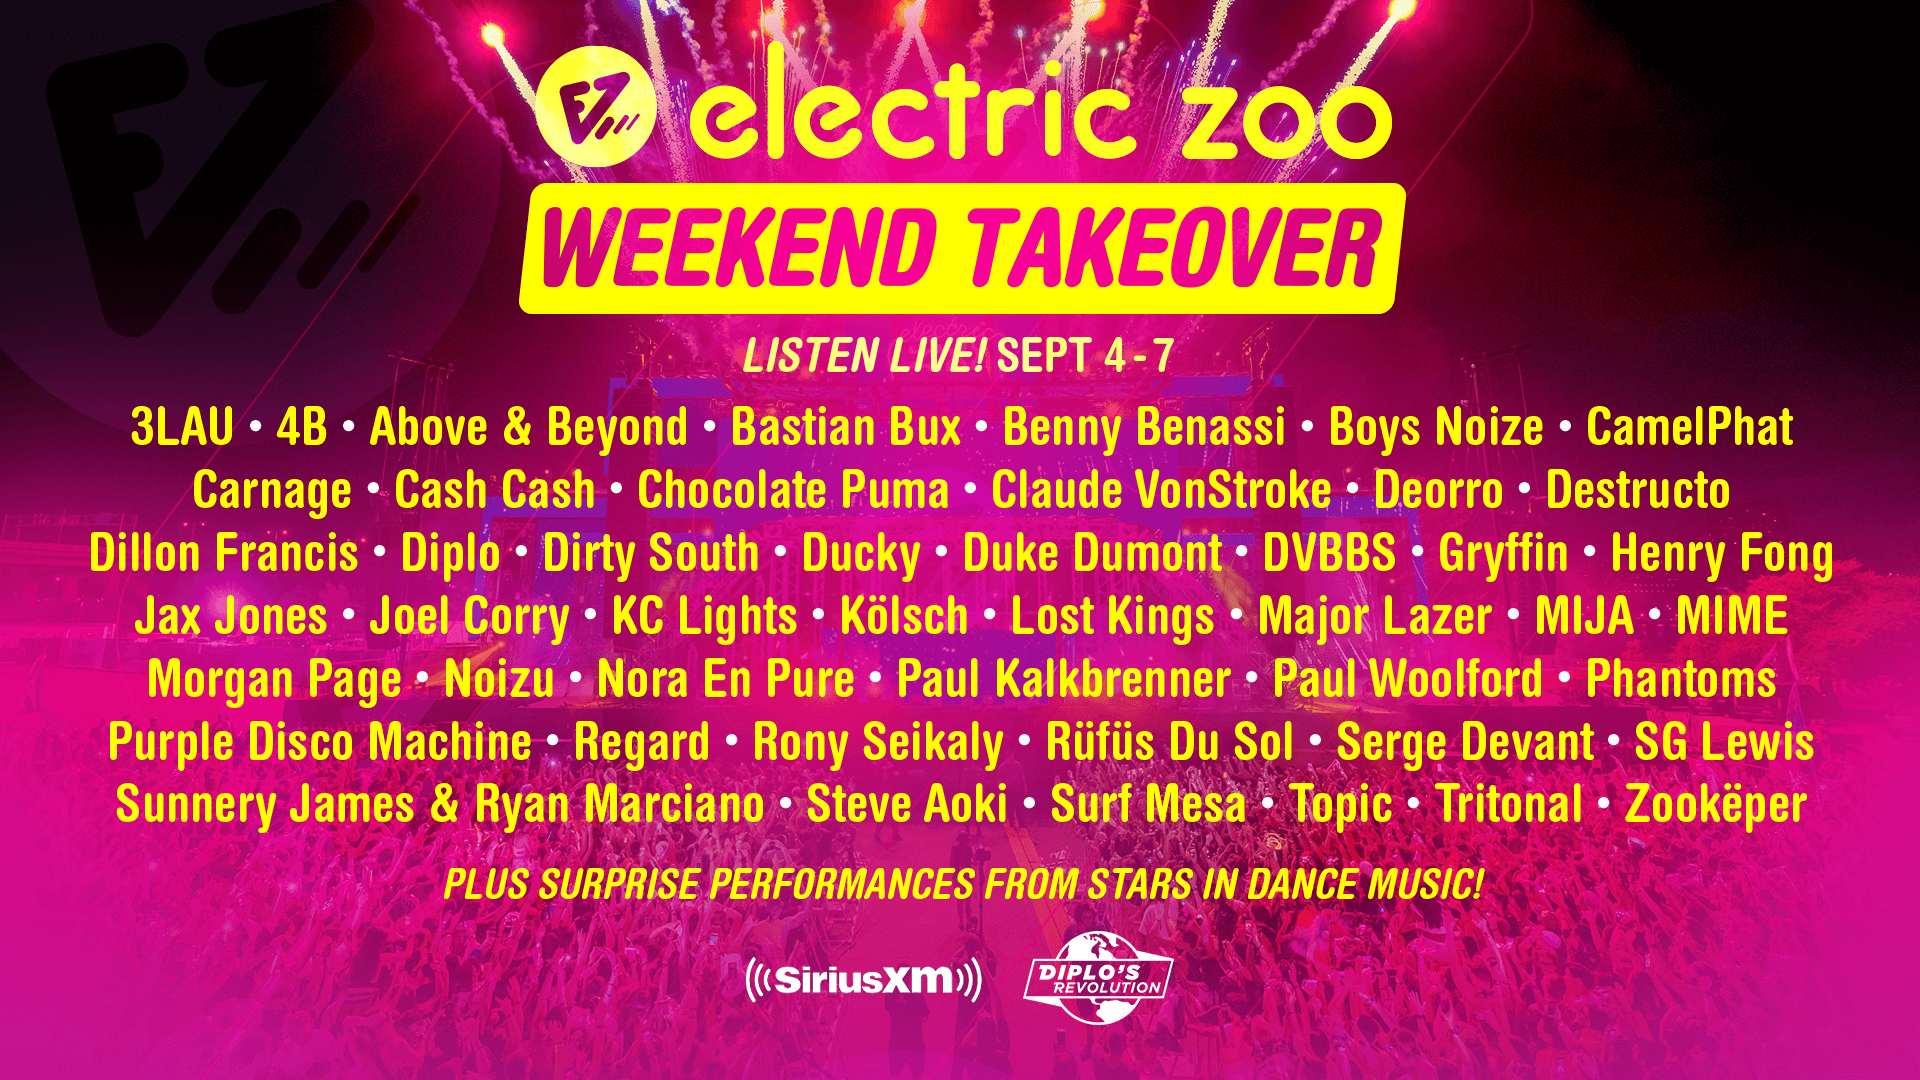 Electric Zoo SiriusXM